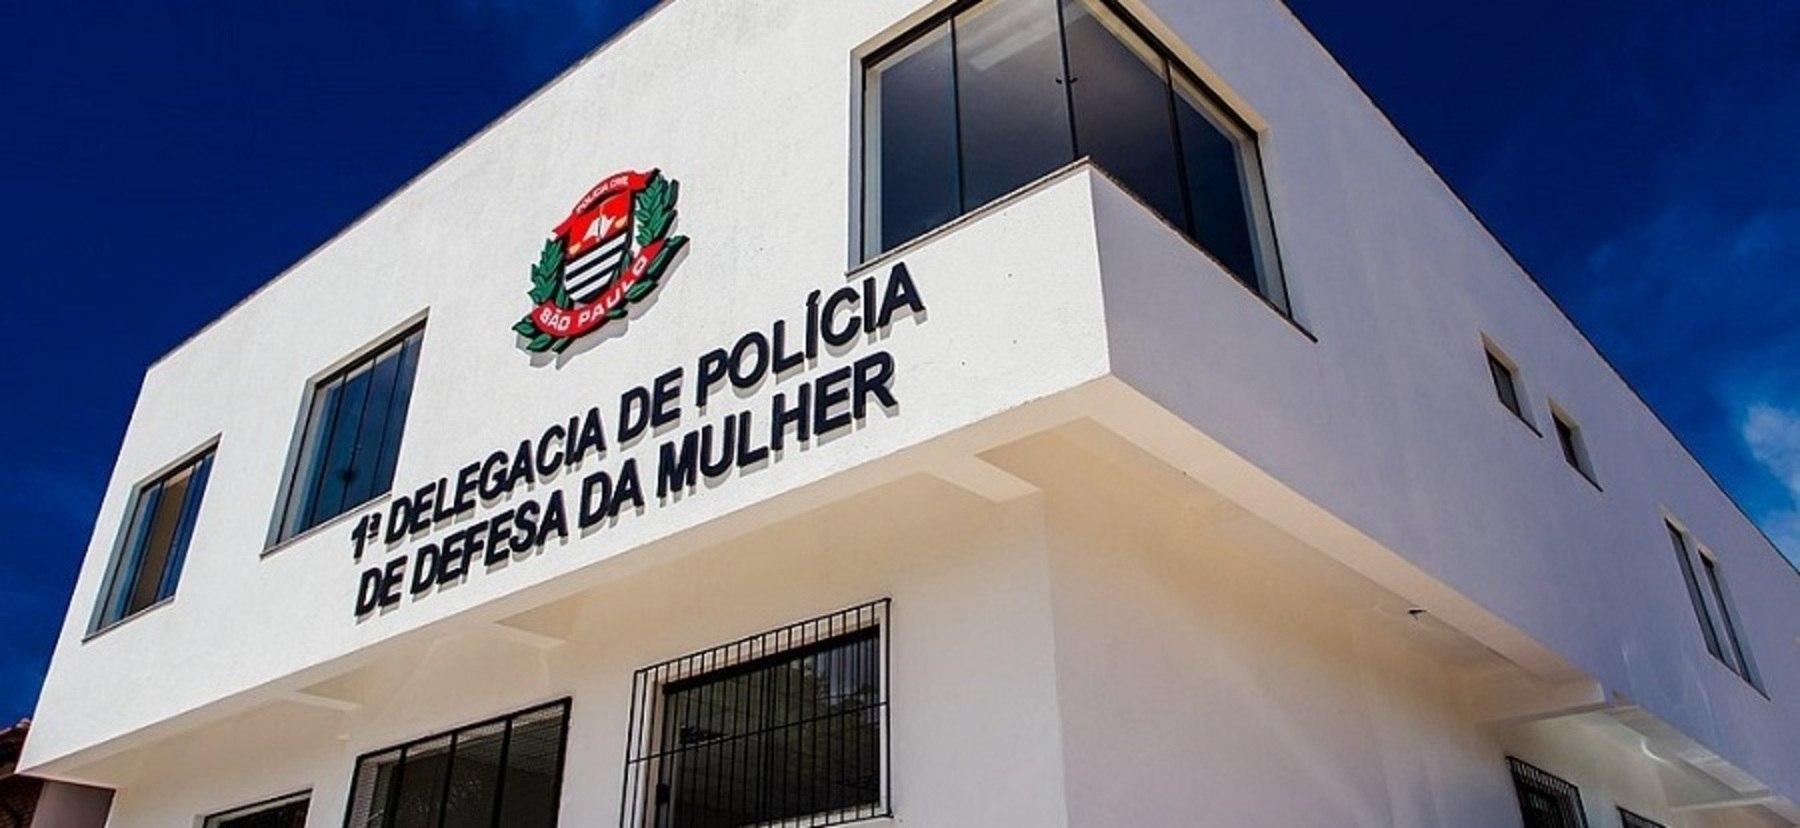 https://img.r7.com/images/delegacia-da-mulher-04082020124140882